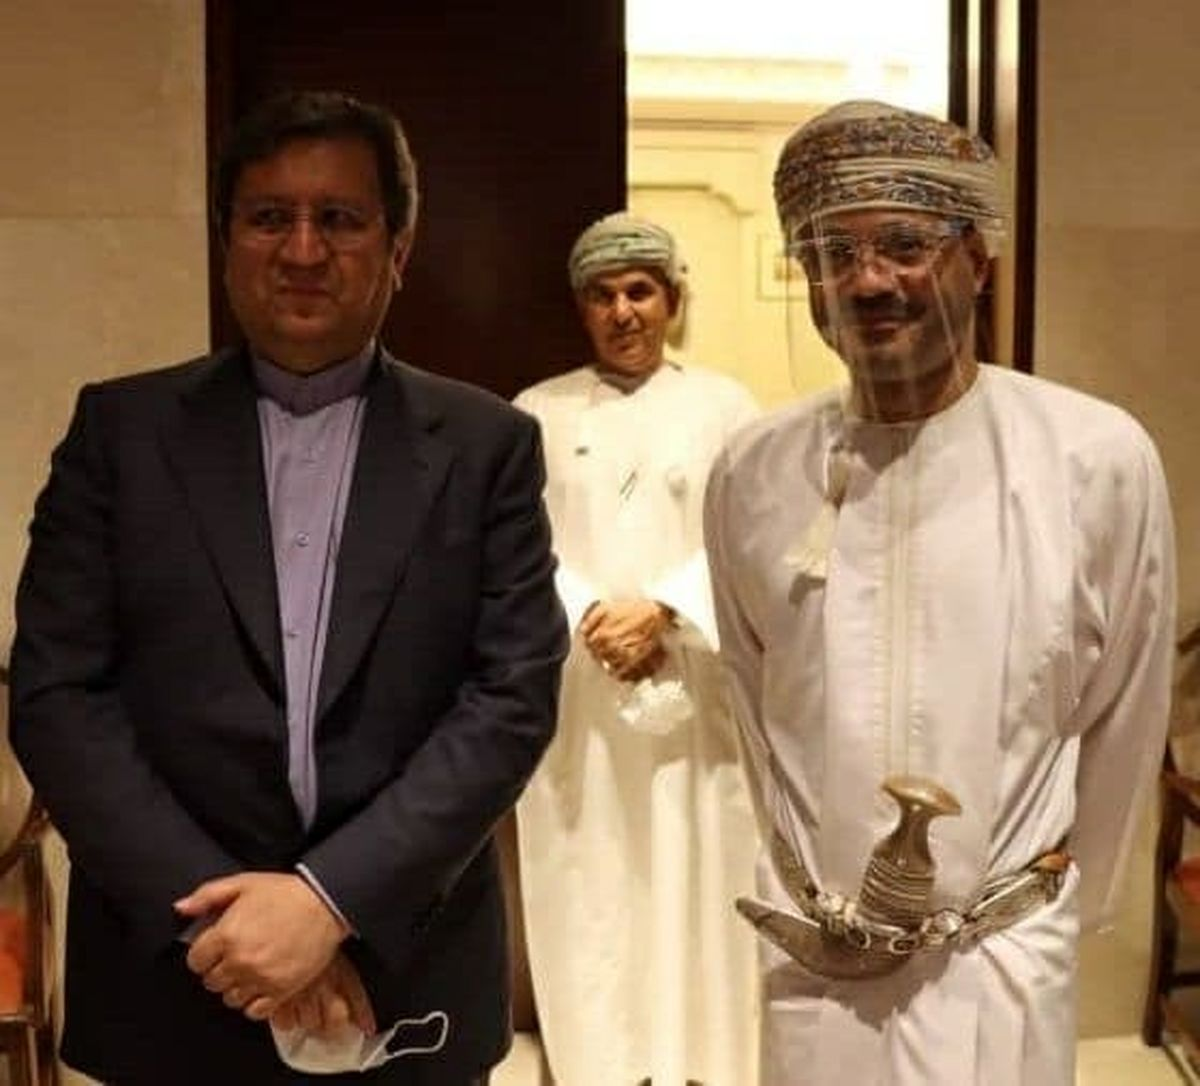 تأکید بر توسعه روابط بانکی بین ایران و عمان/ تمایل عمان برای گسترش همکاریهای اقتصادی